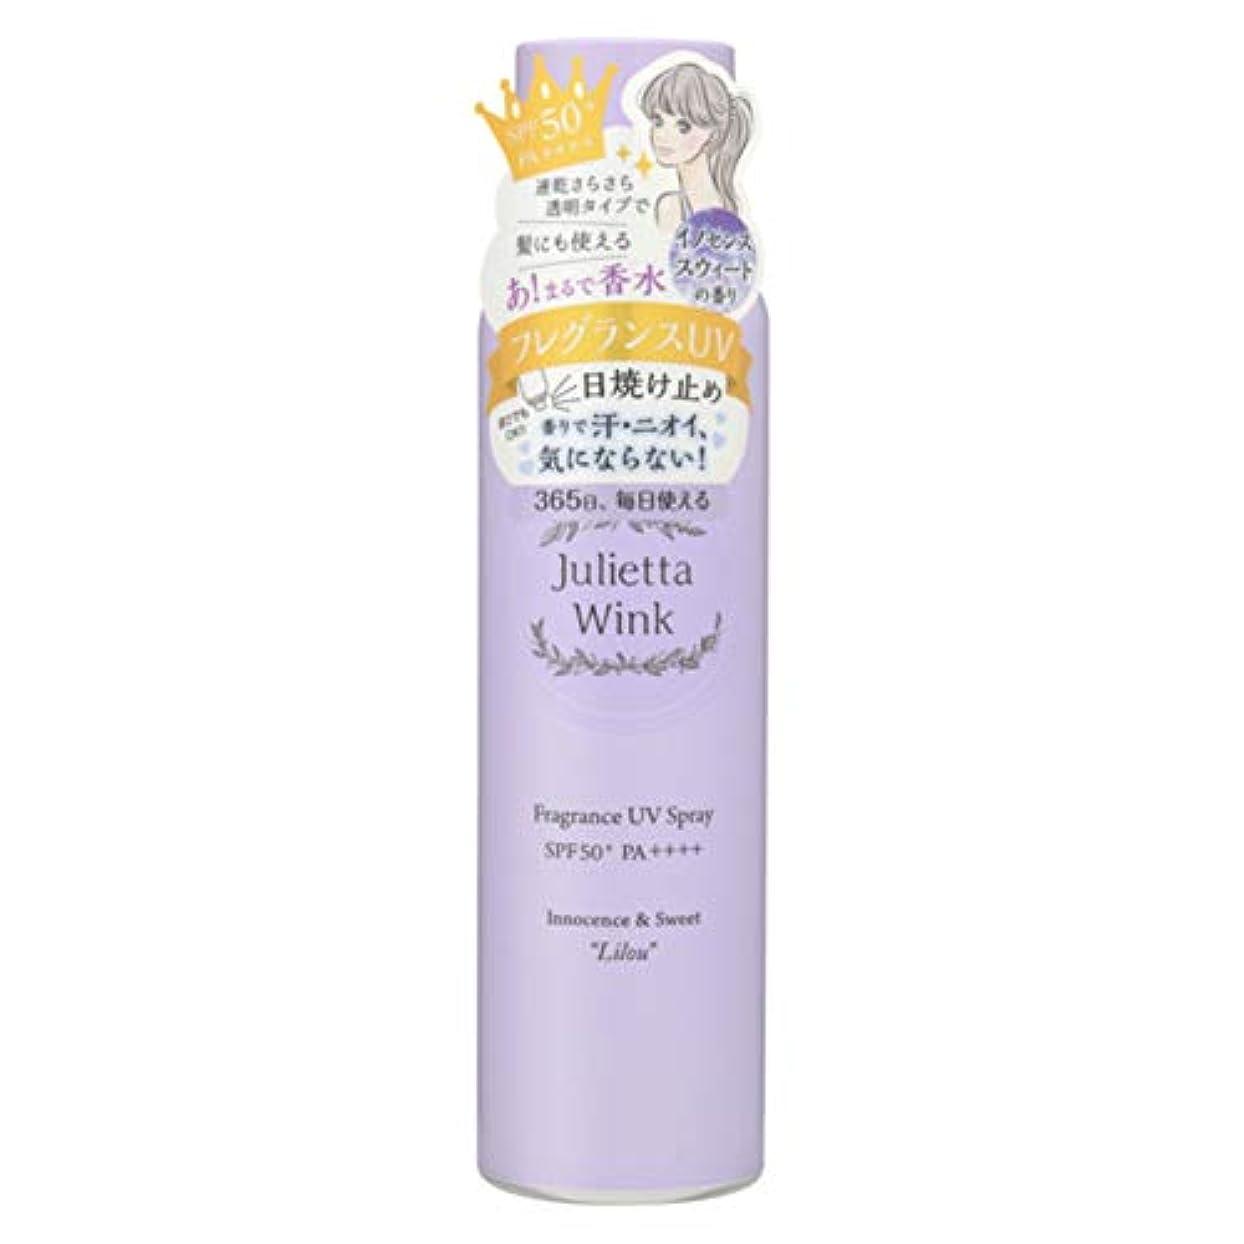 ひいきにするパーセント寝てるジュリエッタウィンク フレグランス UVスプレー[リル]100g イノセンススウィートの香り(紫)